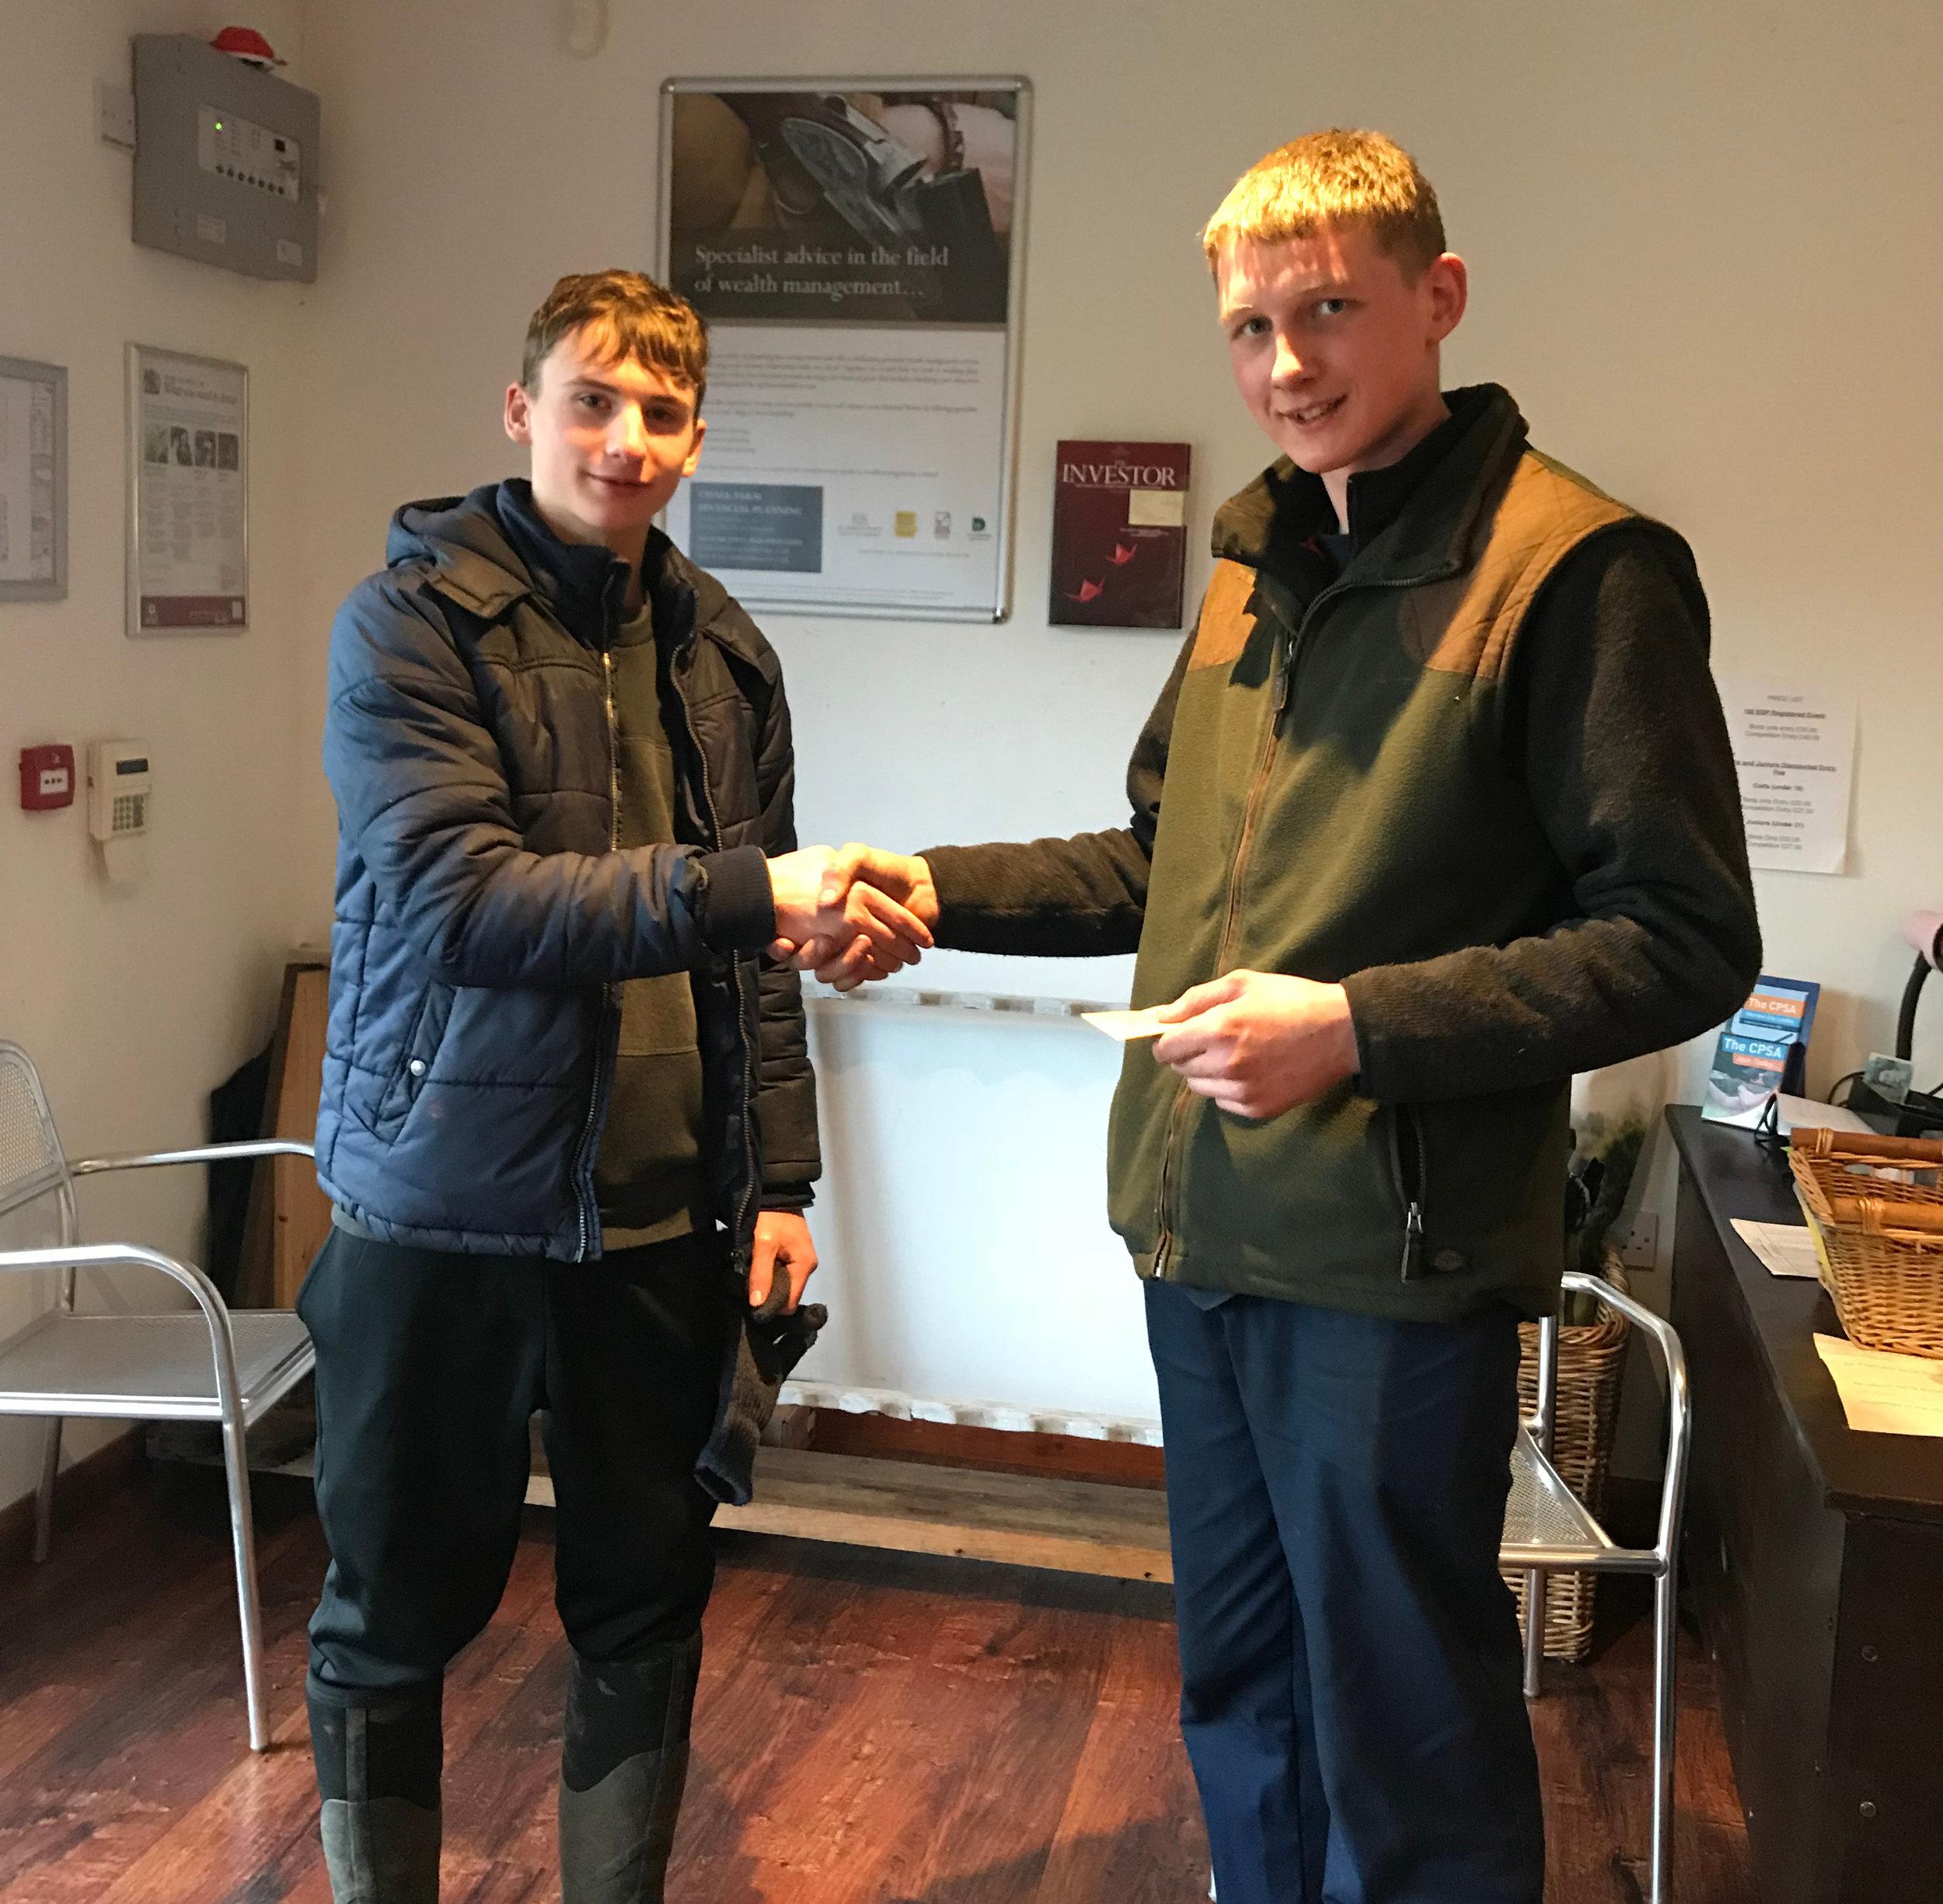 CLASS A WINNER 4TH FEB 2018, SAM NUNN RECEIVES HIS AWARD FROM GEORGE HOWLING